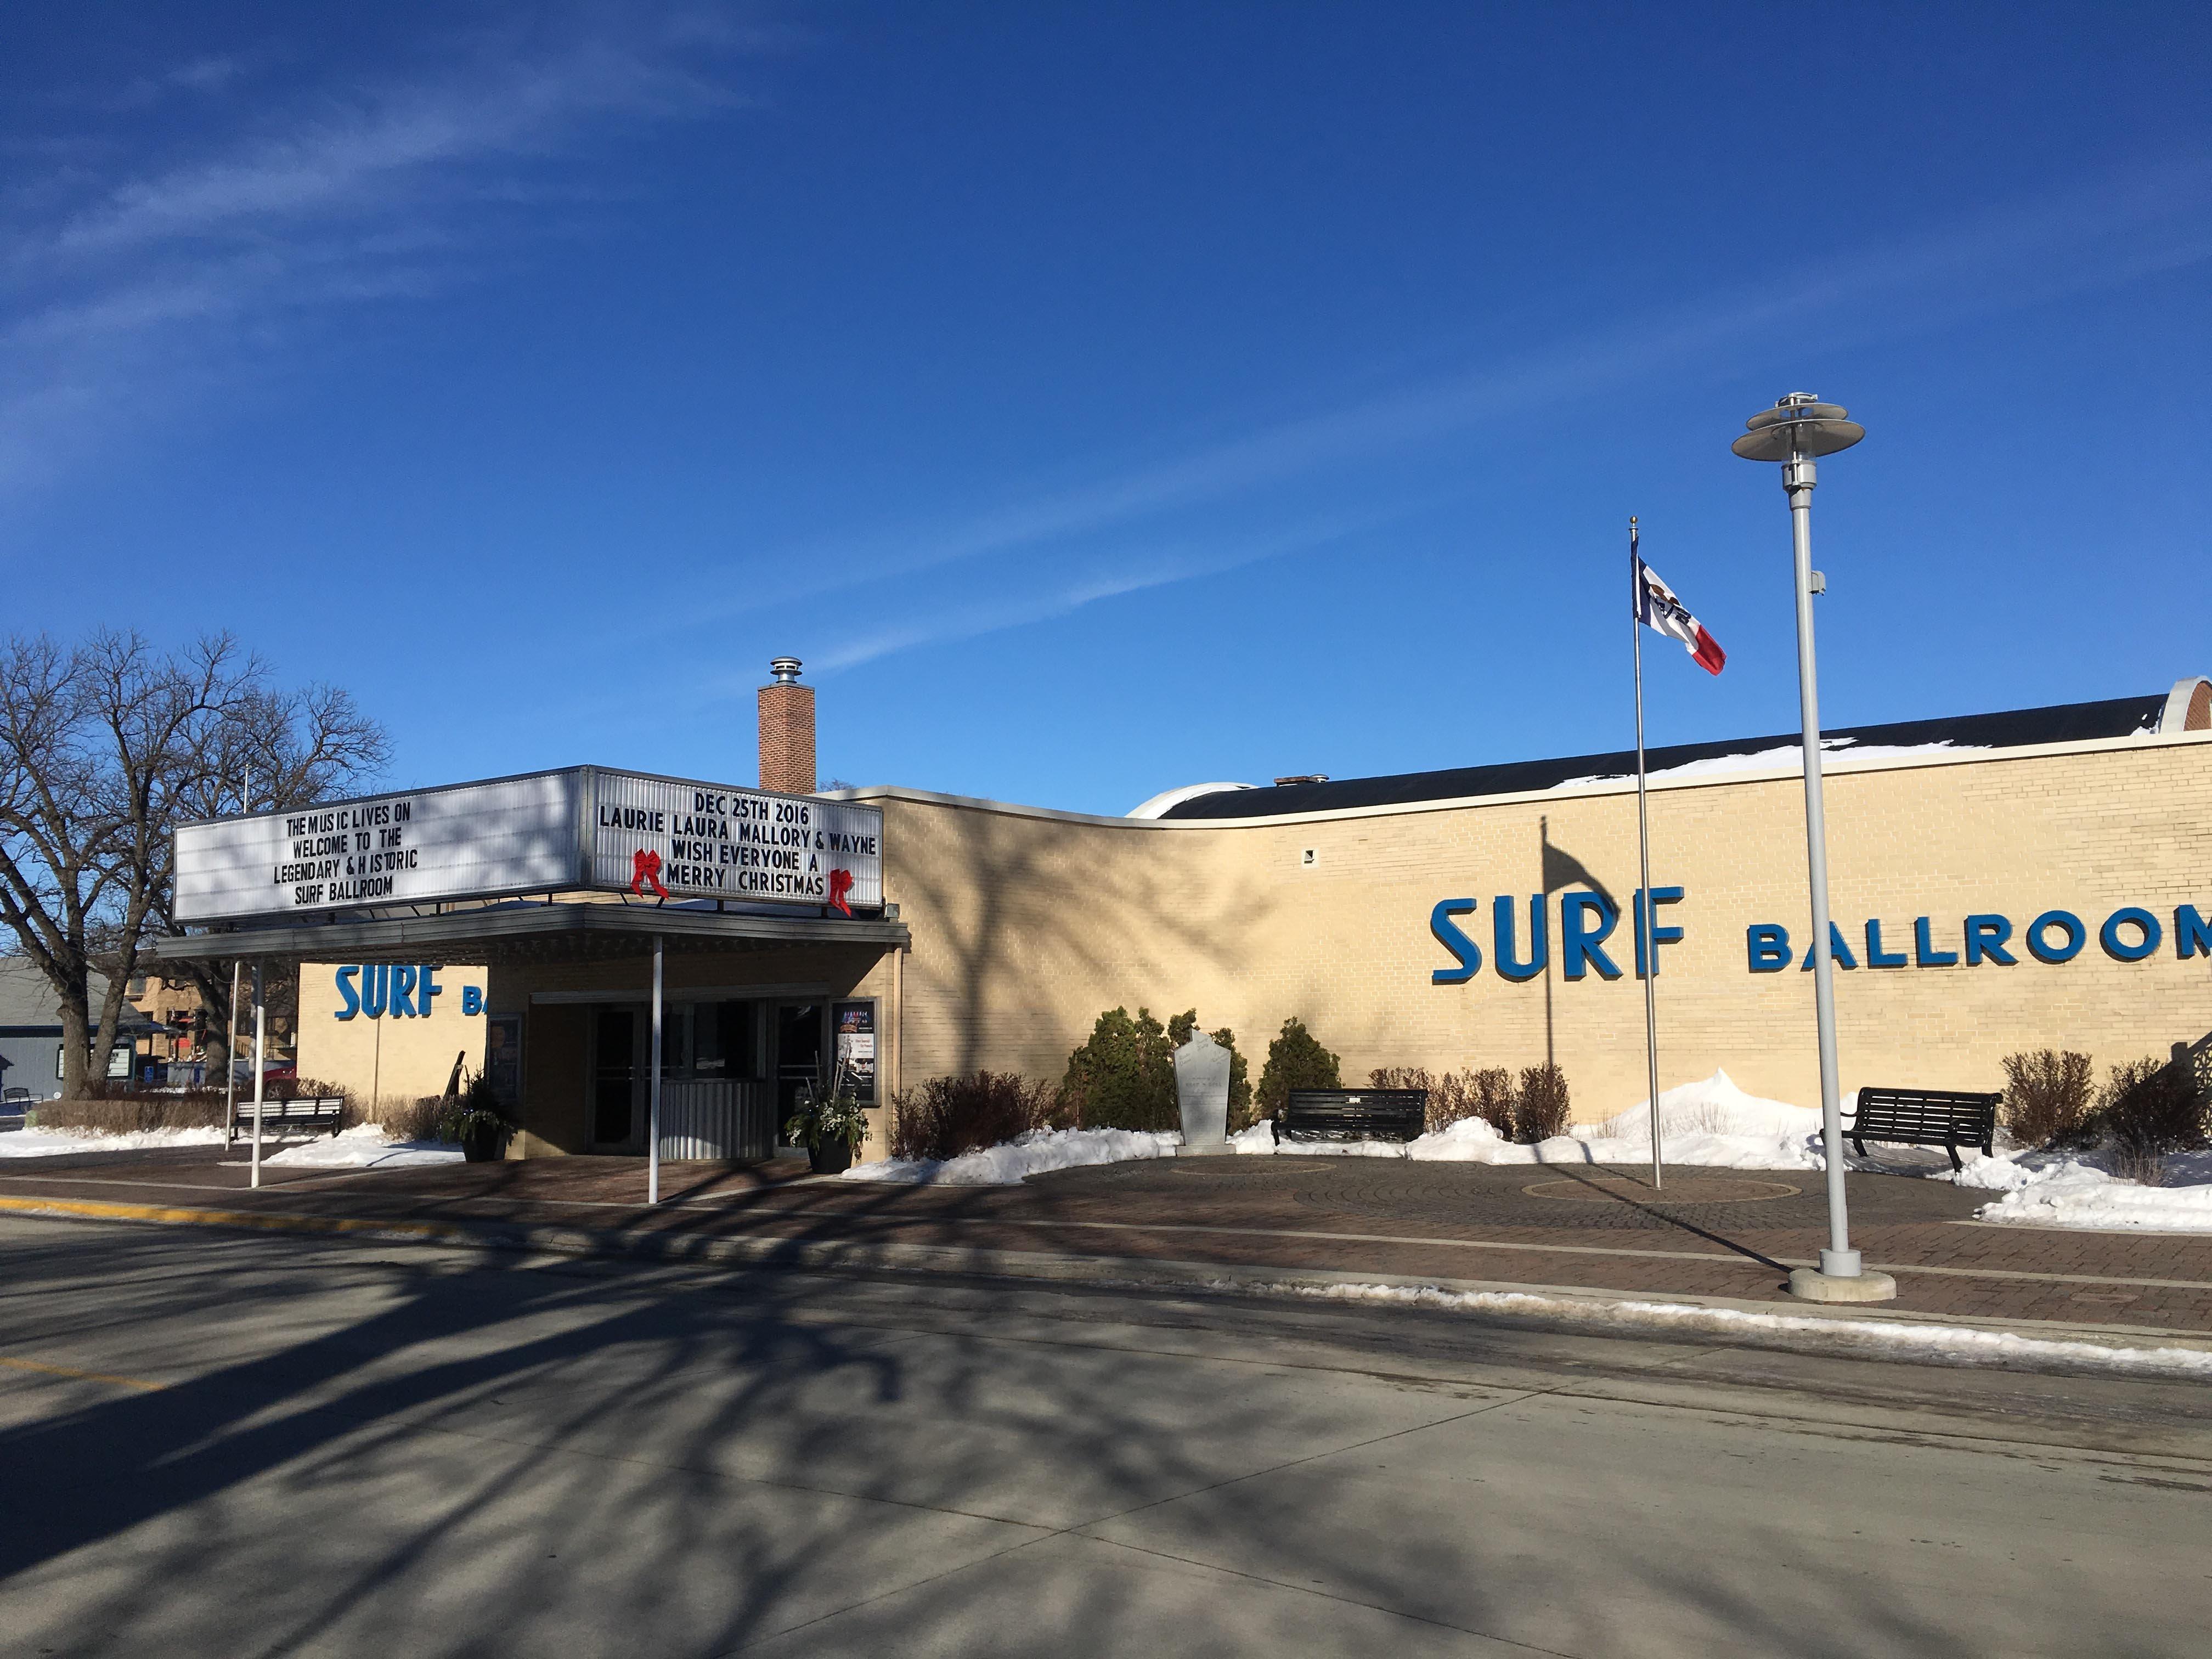 Surf Ballroom, exterior facade.